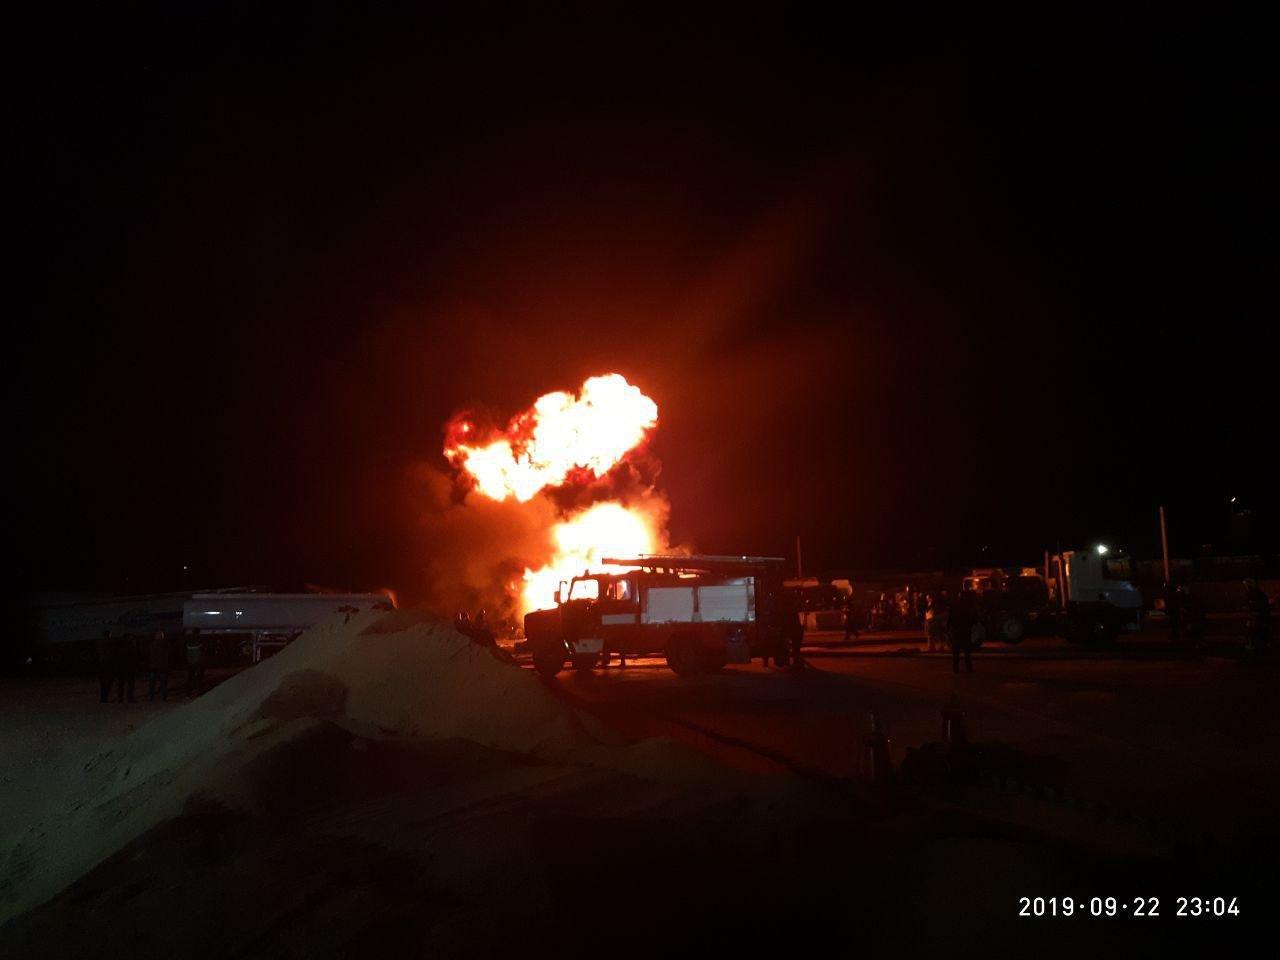 В Киеве ликвидирован масштабный пожар (фото)